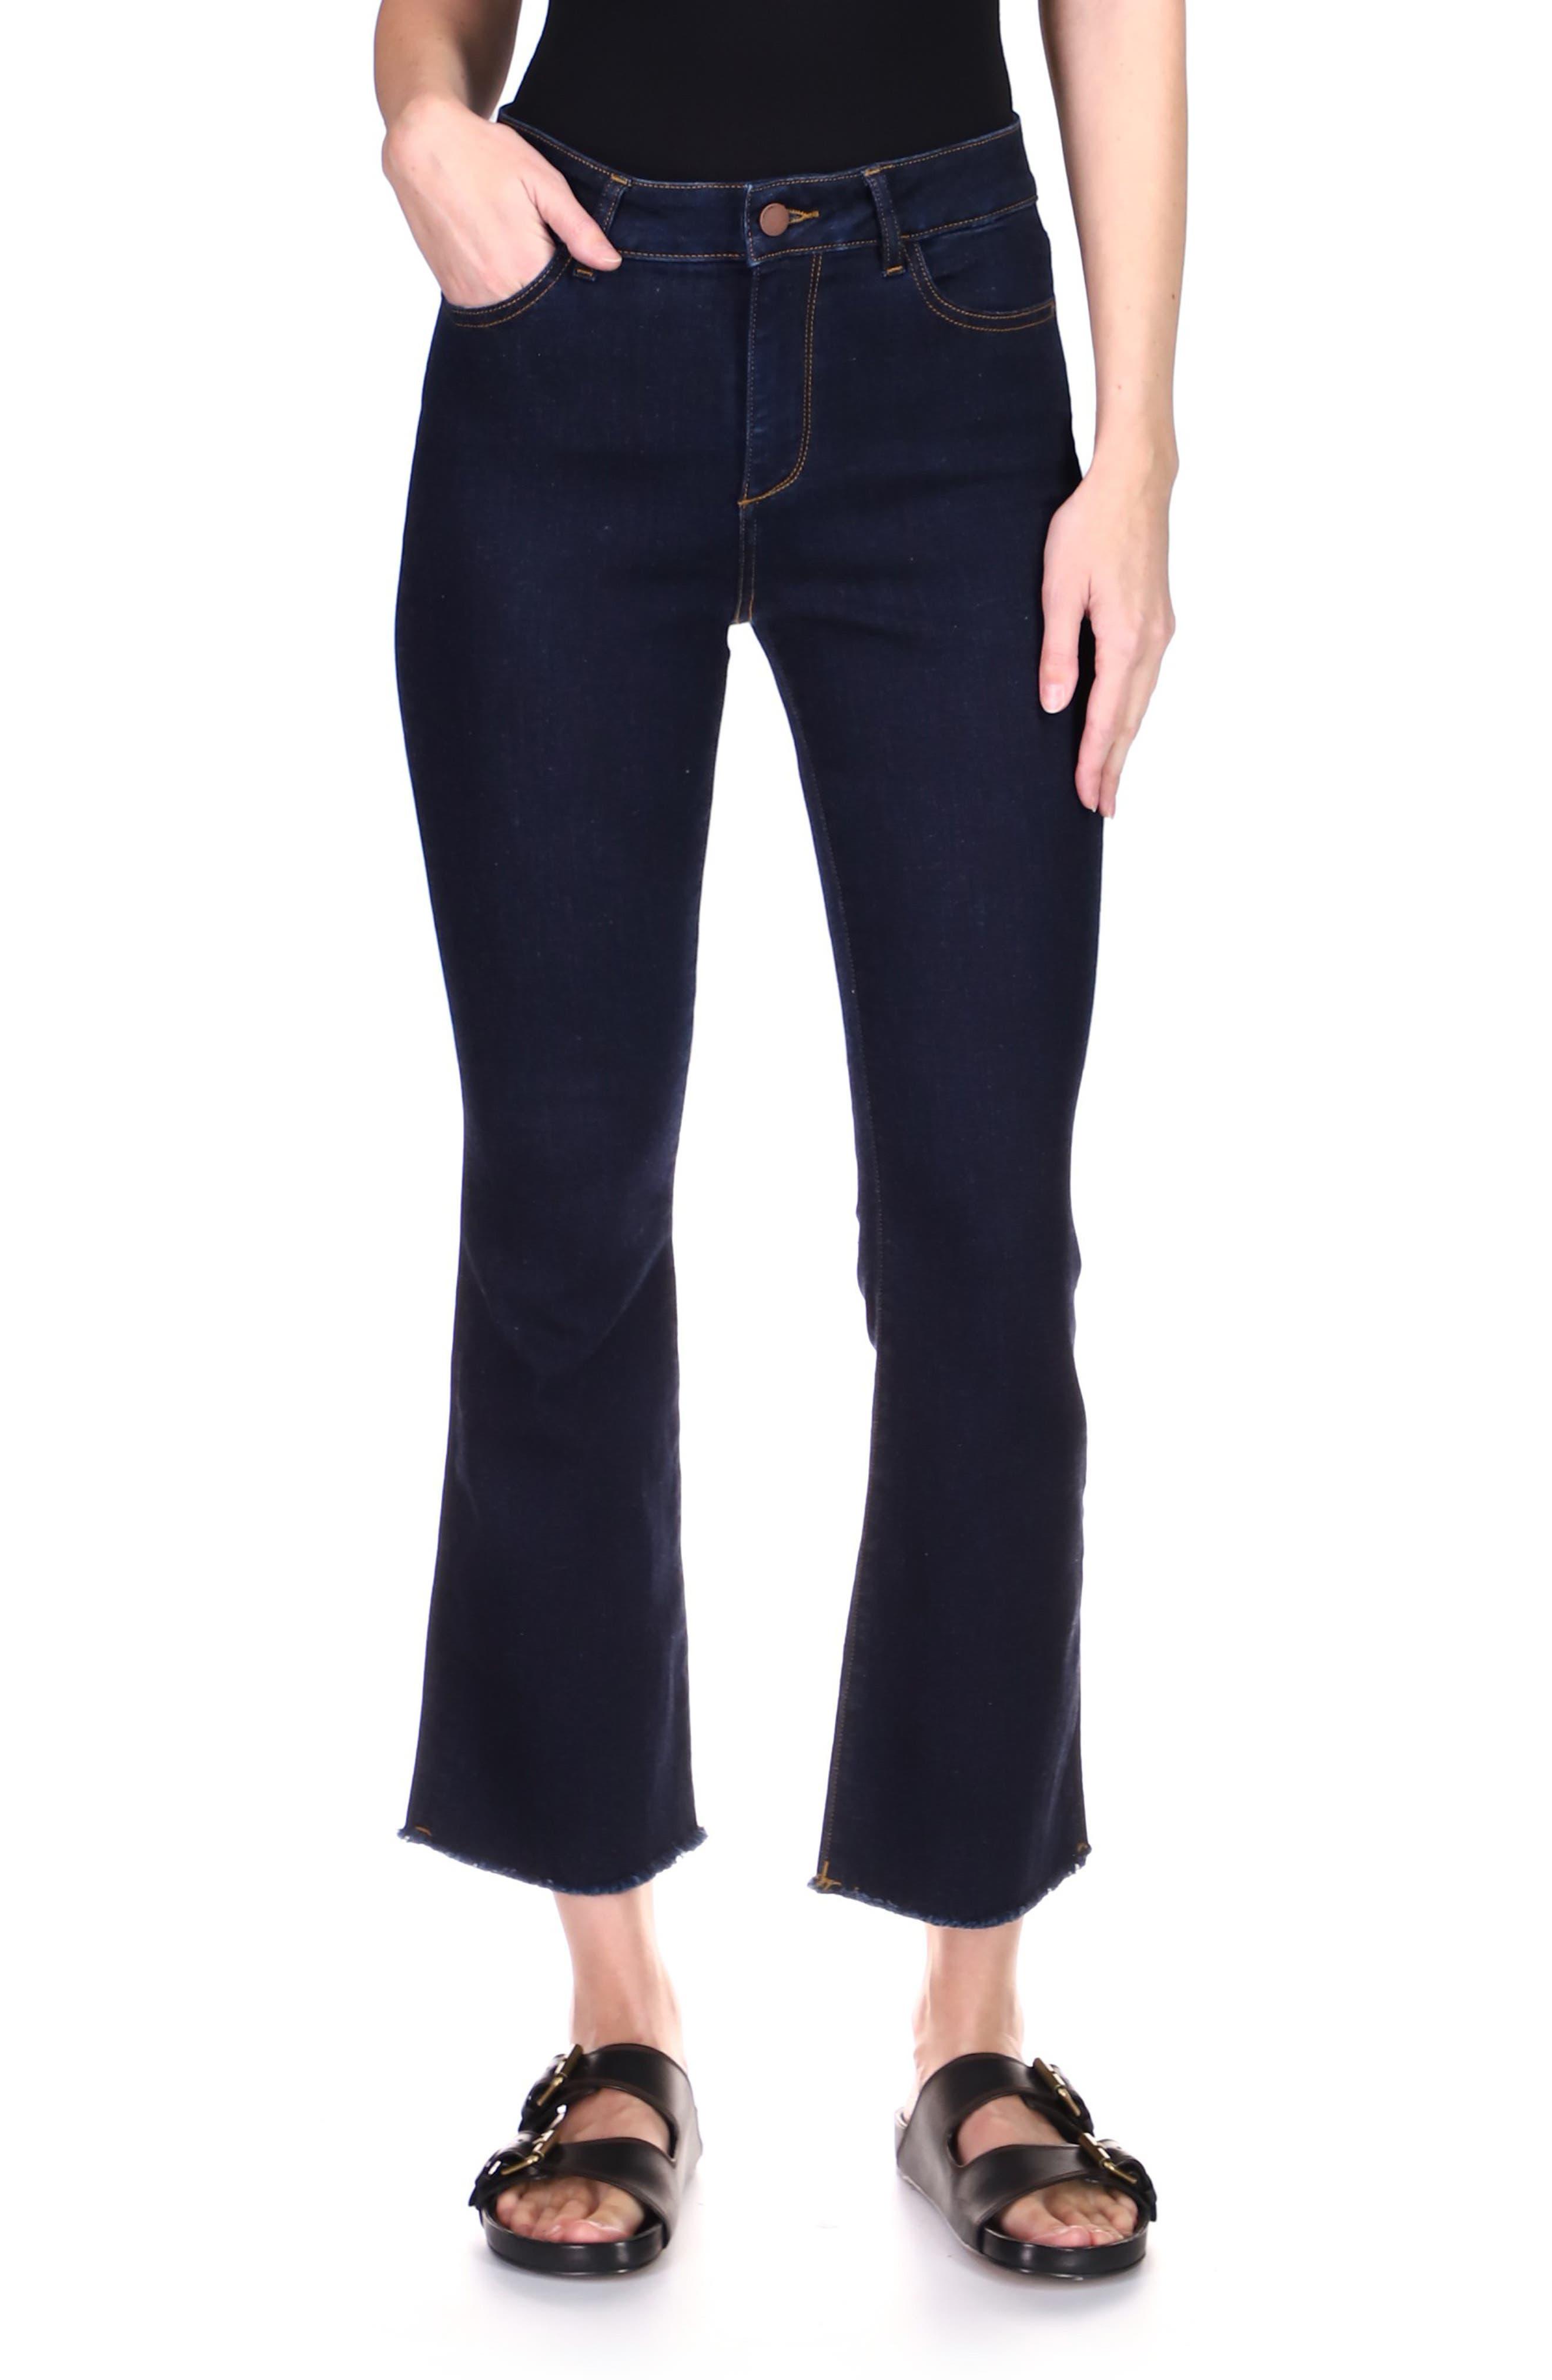 1961 Bridget Instasculpt High Waist Crop Bootcut Jeans